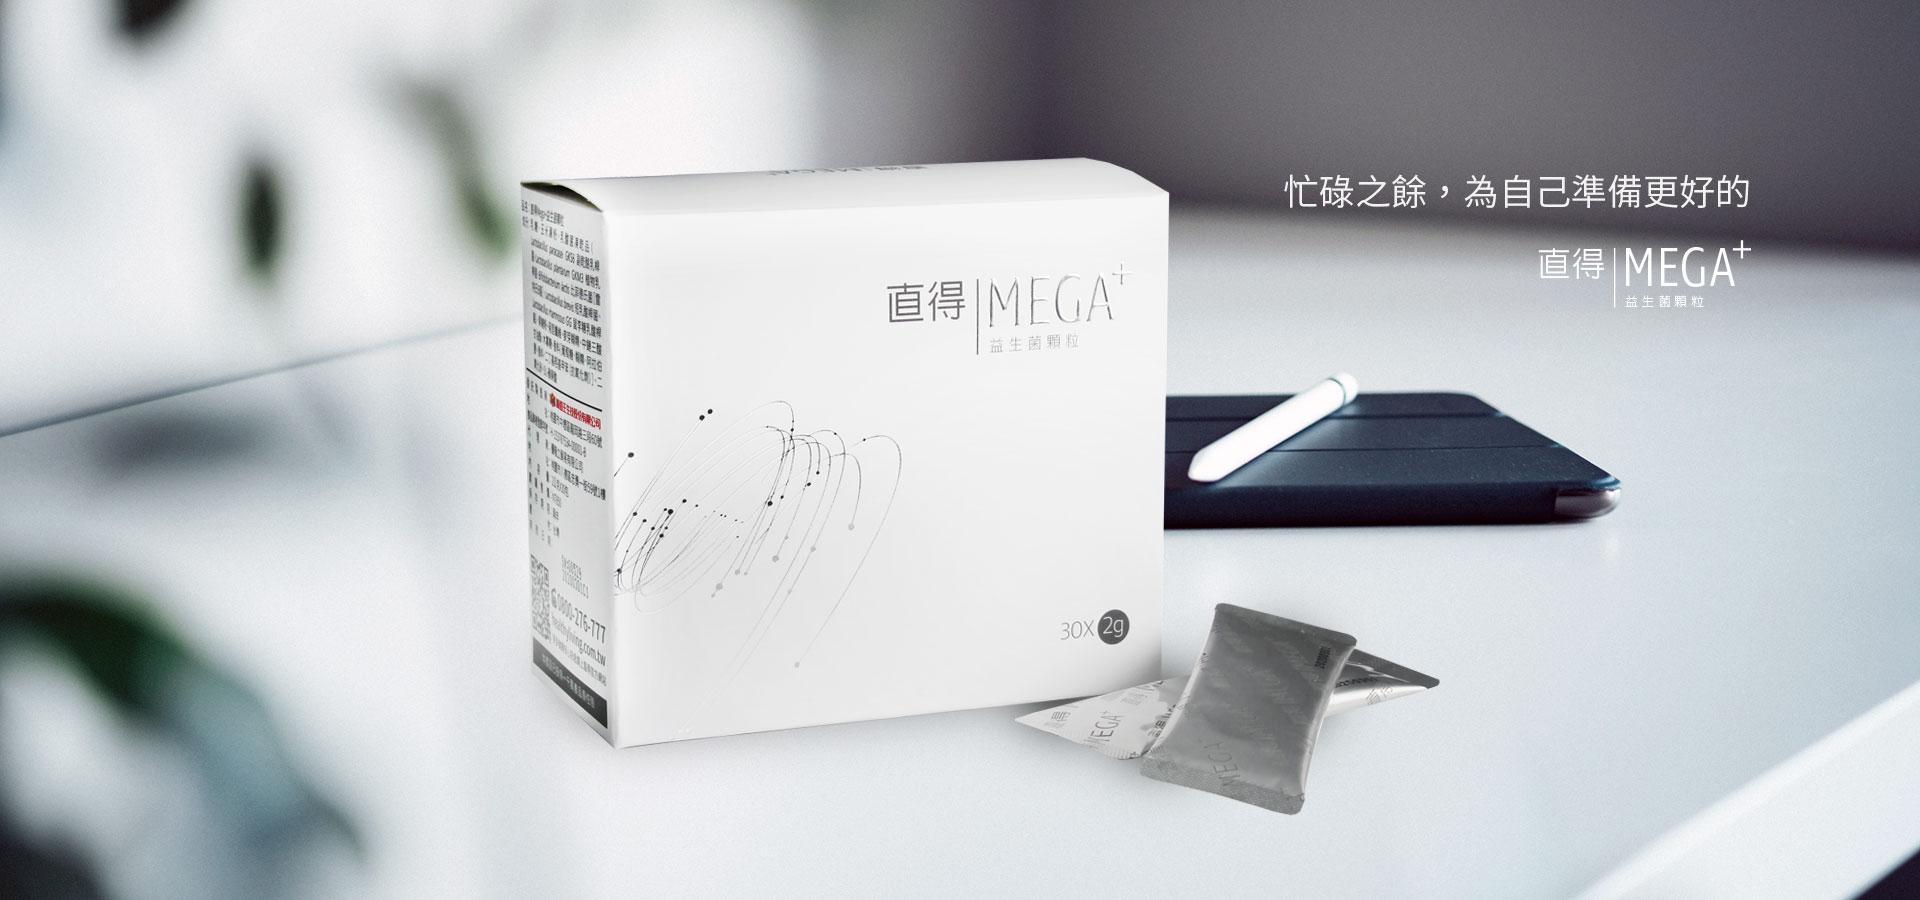 直得MEGA+益生菌全新升級上市